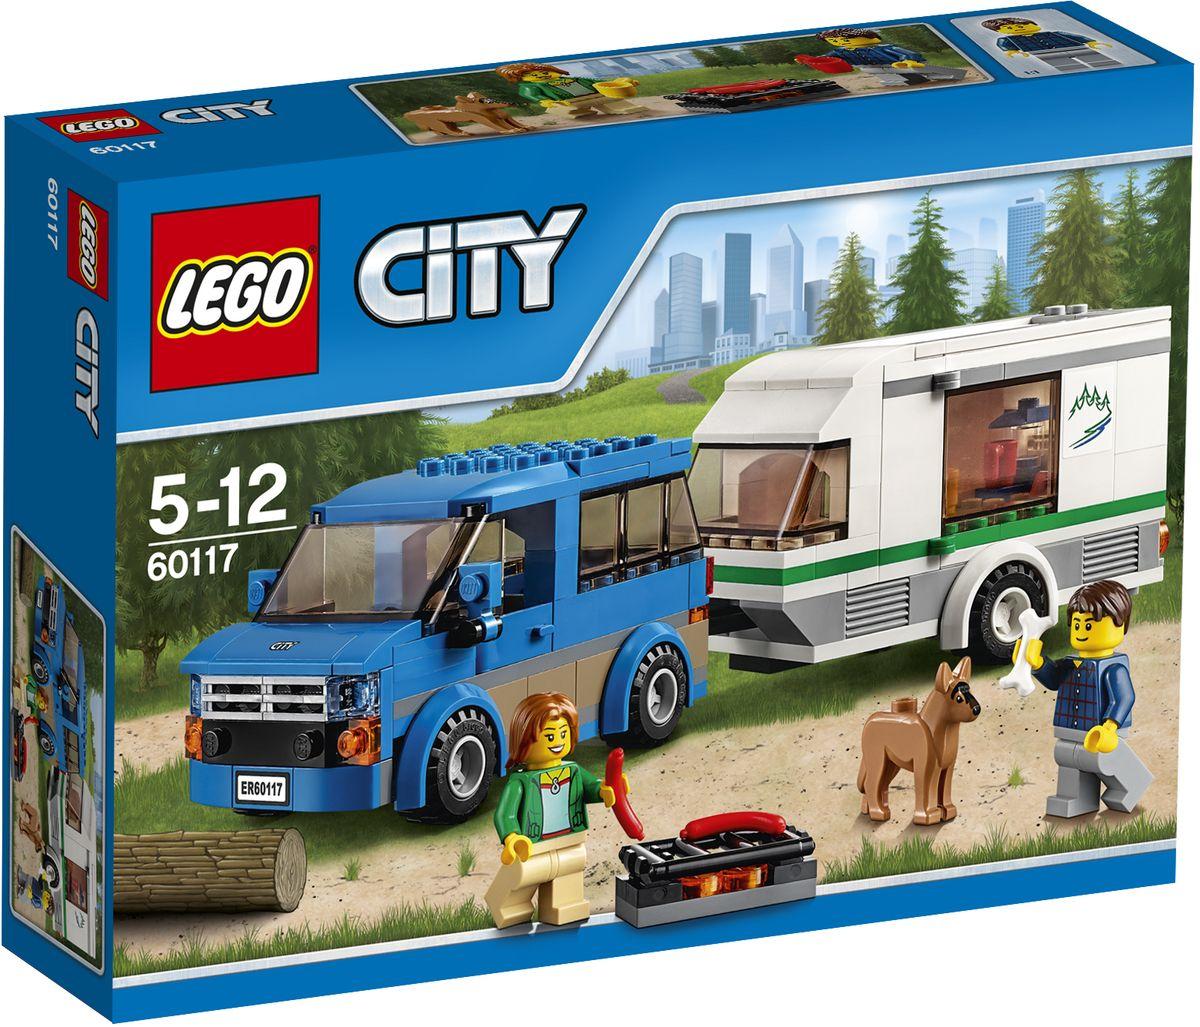 LEGO City Конструктор Фургон и дом на колесах 6011760117Конструктор Lego City Фургон и дом на колесах приведет в восторг любого ребенка, ведь все дети обожают знаменитые конструкторы Lego. Конструктор содержит 250 пластиковых элементов, с помощью которых малыш сможет собрать небольшую сценку из жизни Города Lego. Готовься к отпуску! Упакуй гриль и еду и не забудь косточку для собаки. Бери кофеварку и отправляйся в лагерь для туристов в фургоне с домом на колёсах. Припаркуй фургон и можешь отдыхать. Летний кемпинг в Lego City великолепен! В комплекте: элементы для сборки фургона и прицепного дома на колесах, фигурки двух человечков и собаки, а также дополнительные аксессуары, которые разнообразят игру. Дом на колесах раскрывается, а внутри достаточно места, чтобы поместить туда фигурку. Игры с конструкторами помогут ребенку развить воображение, внимательность, пространственное мышление и творческие способности. Такой конструктор надолго займет внимание малыша и непременно станет его любимой игрушкой.